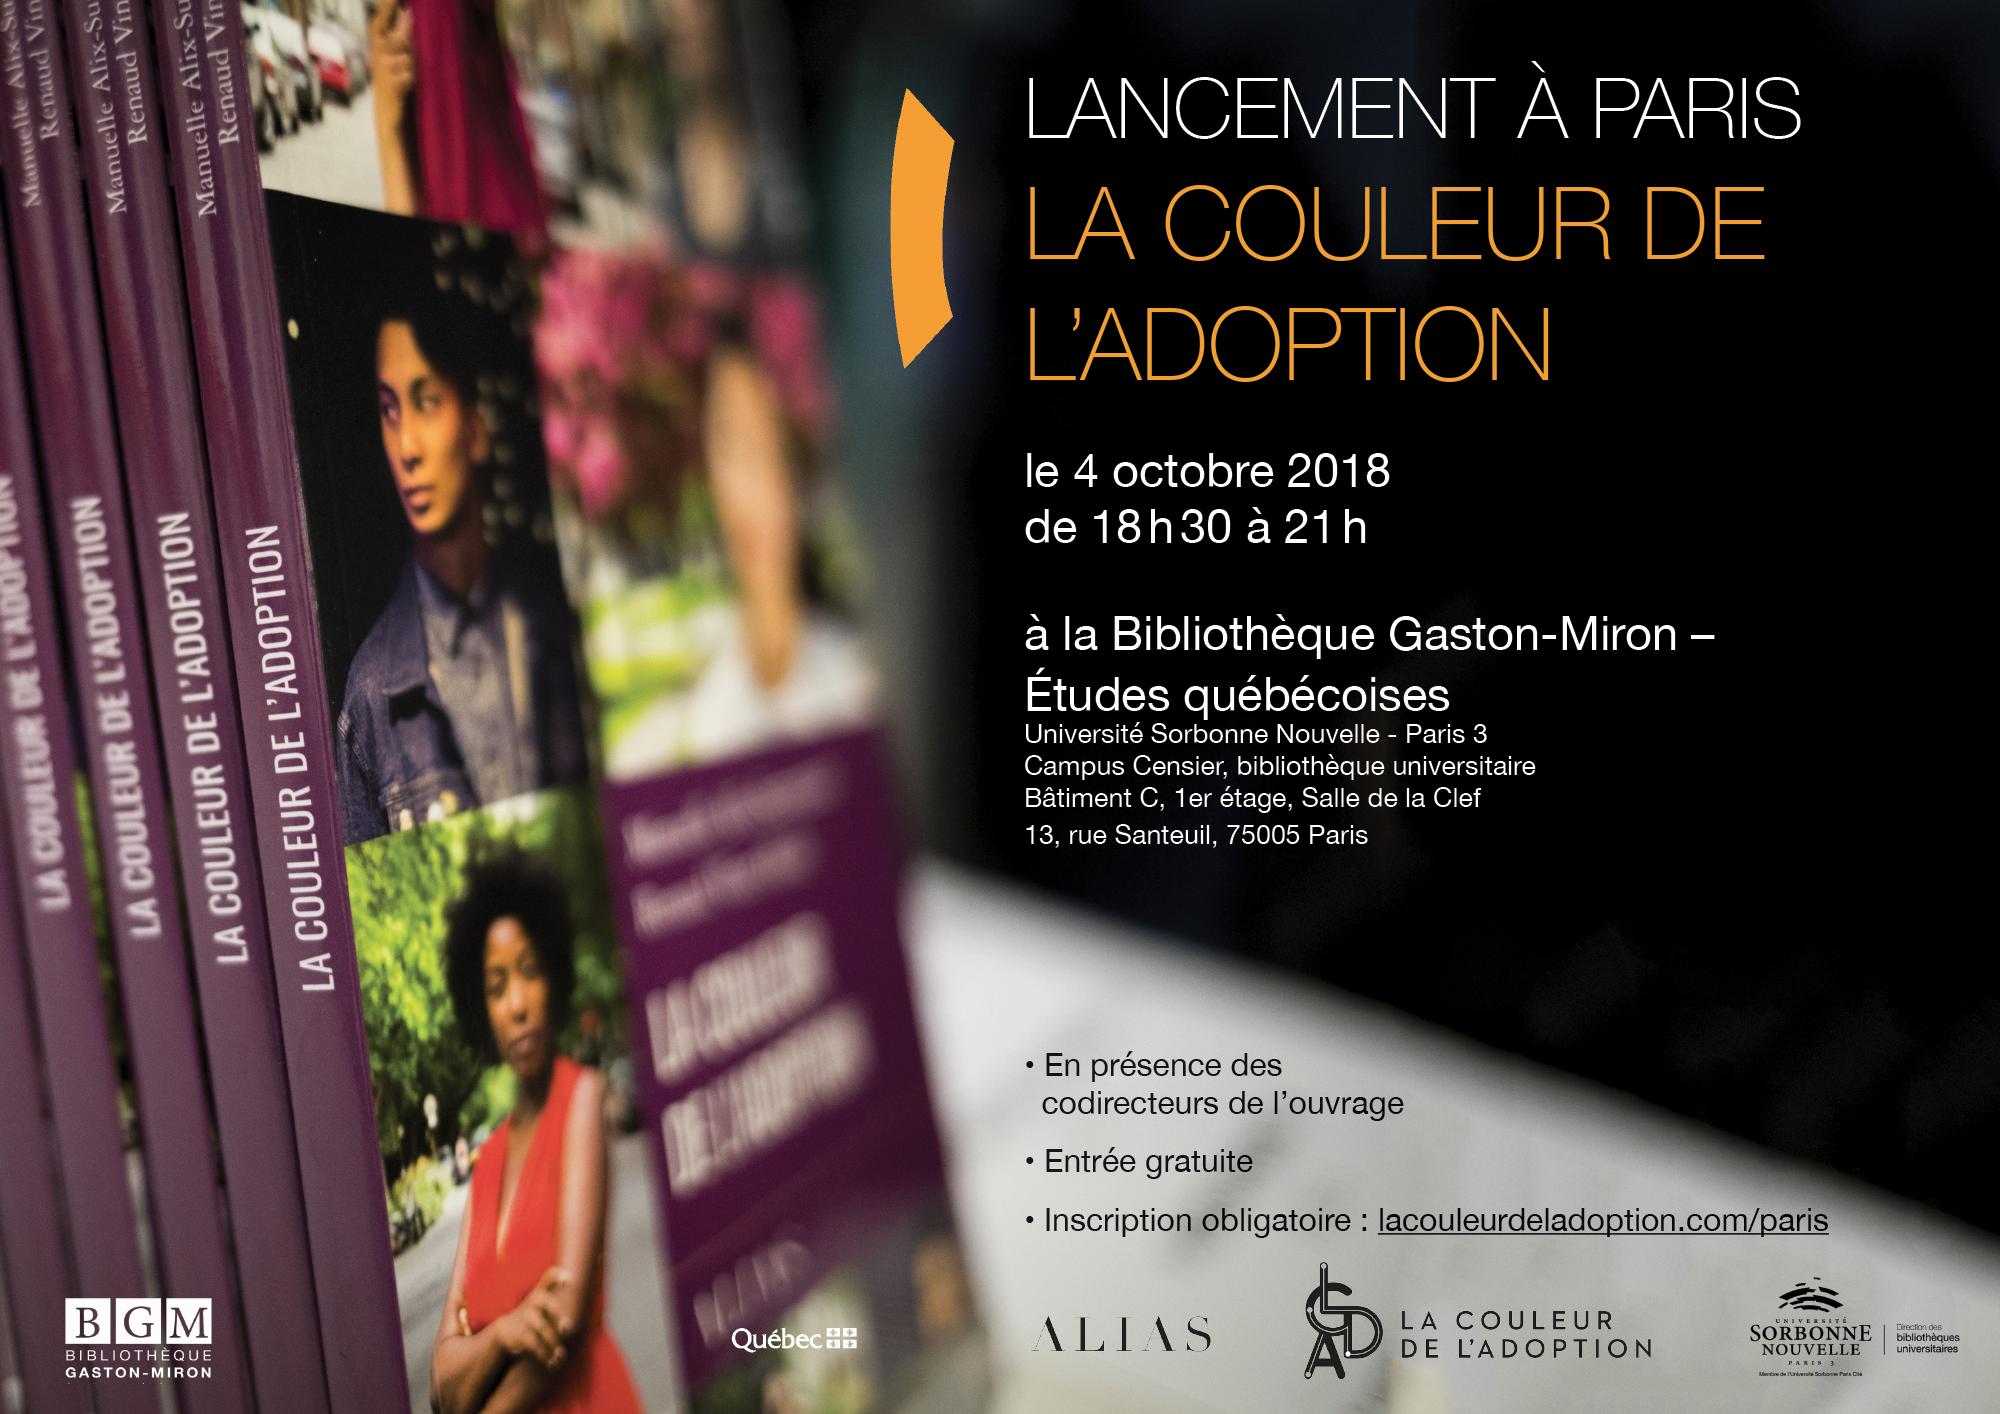 Affiche, la couleur de l'adoption